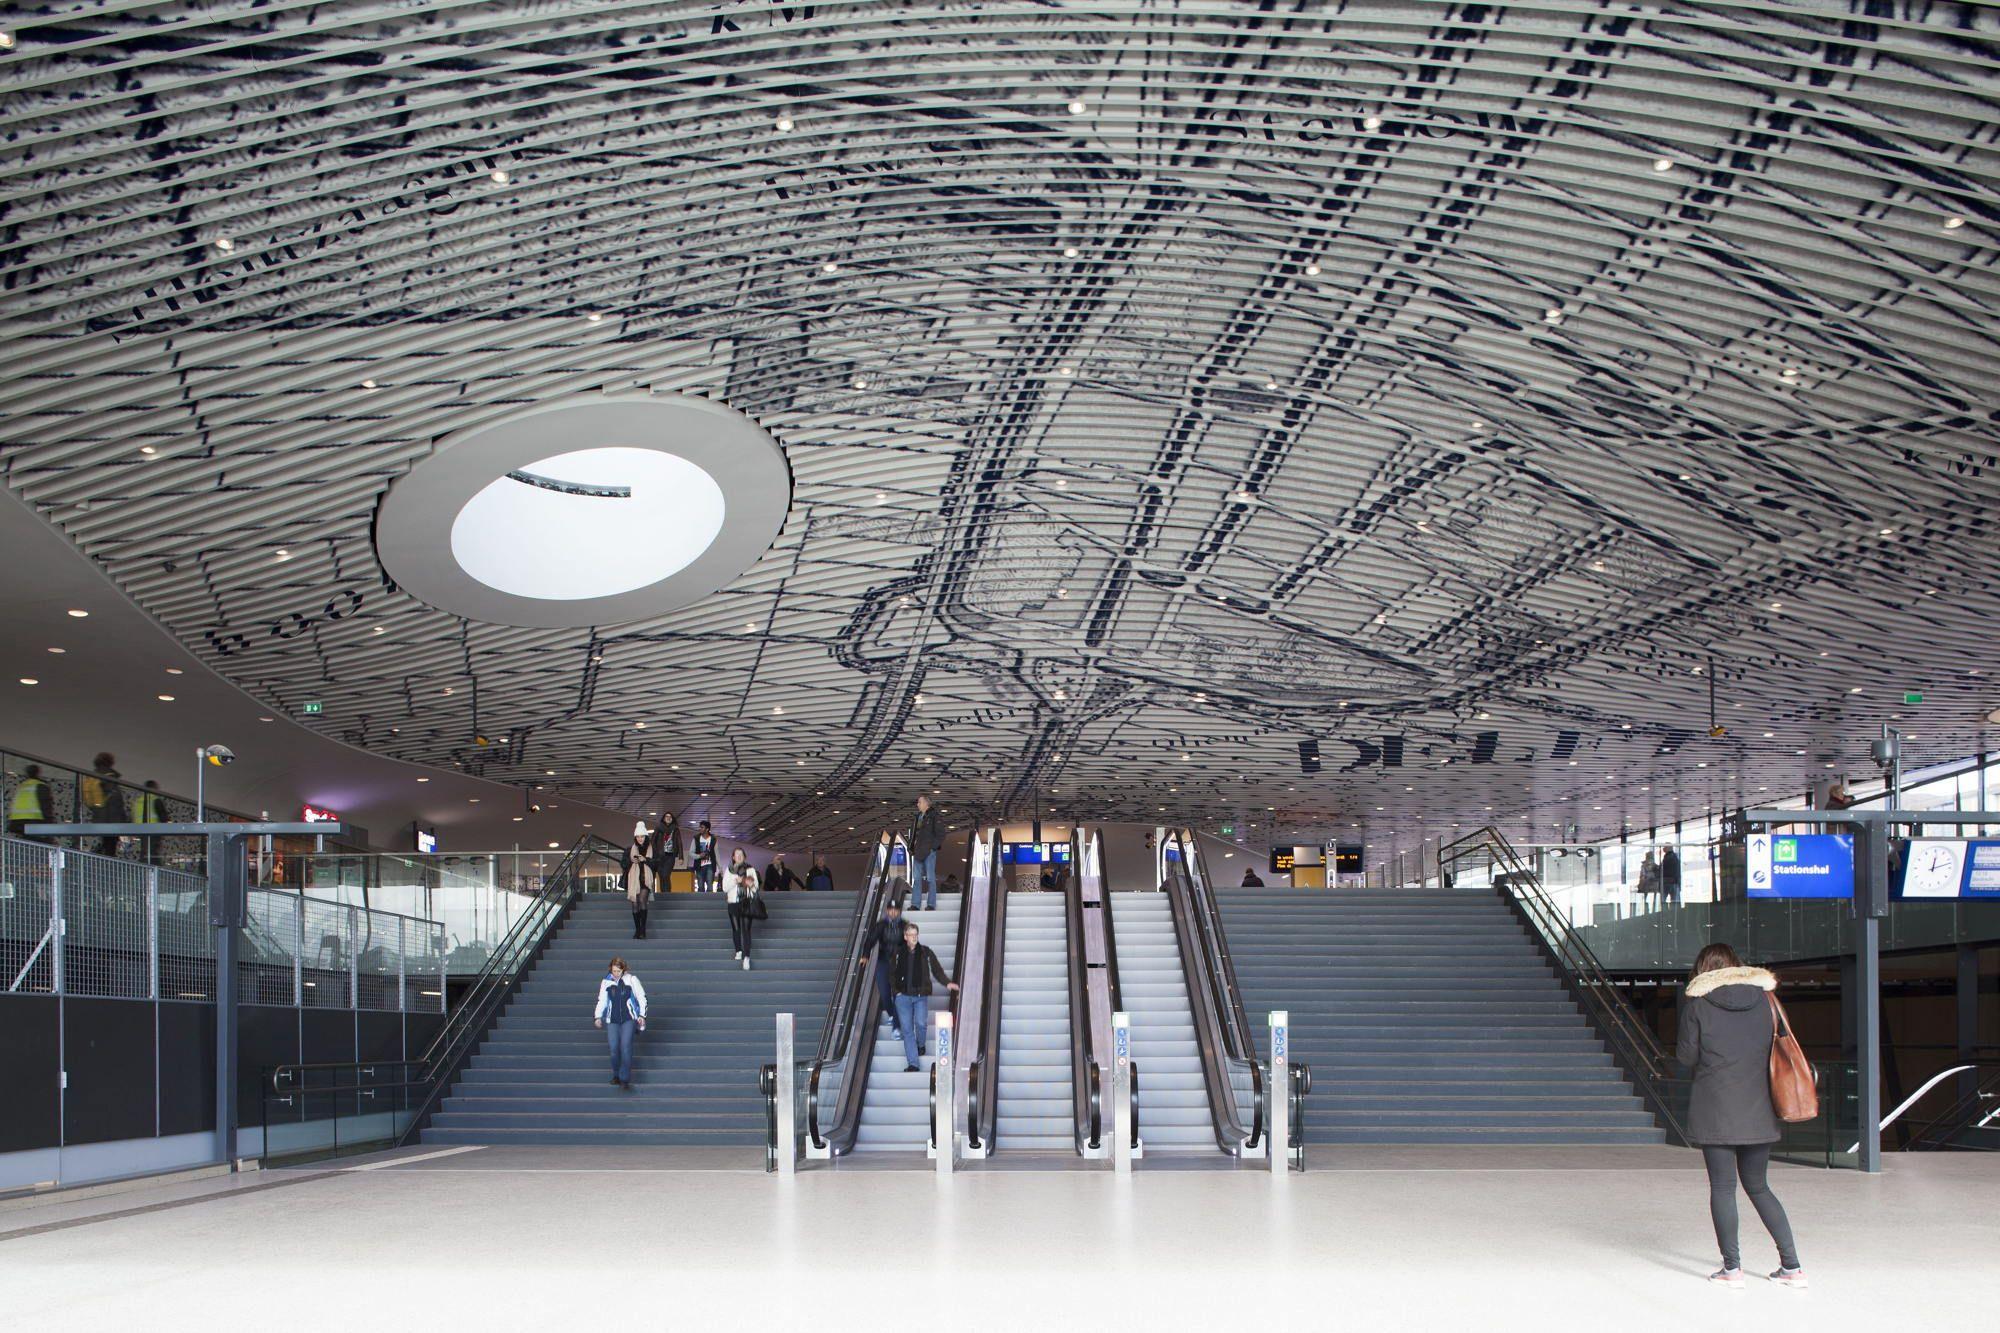 Bahnhof in Delft von Mecanoo / Identität Blau - Architektur und Architekten - News / Meldungen / Nachrichten - BauNetz.de